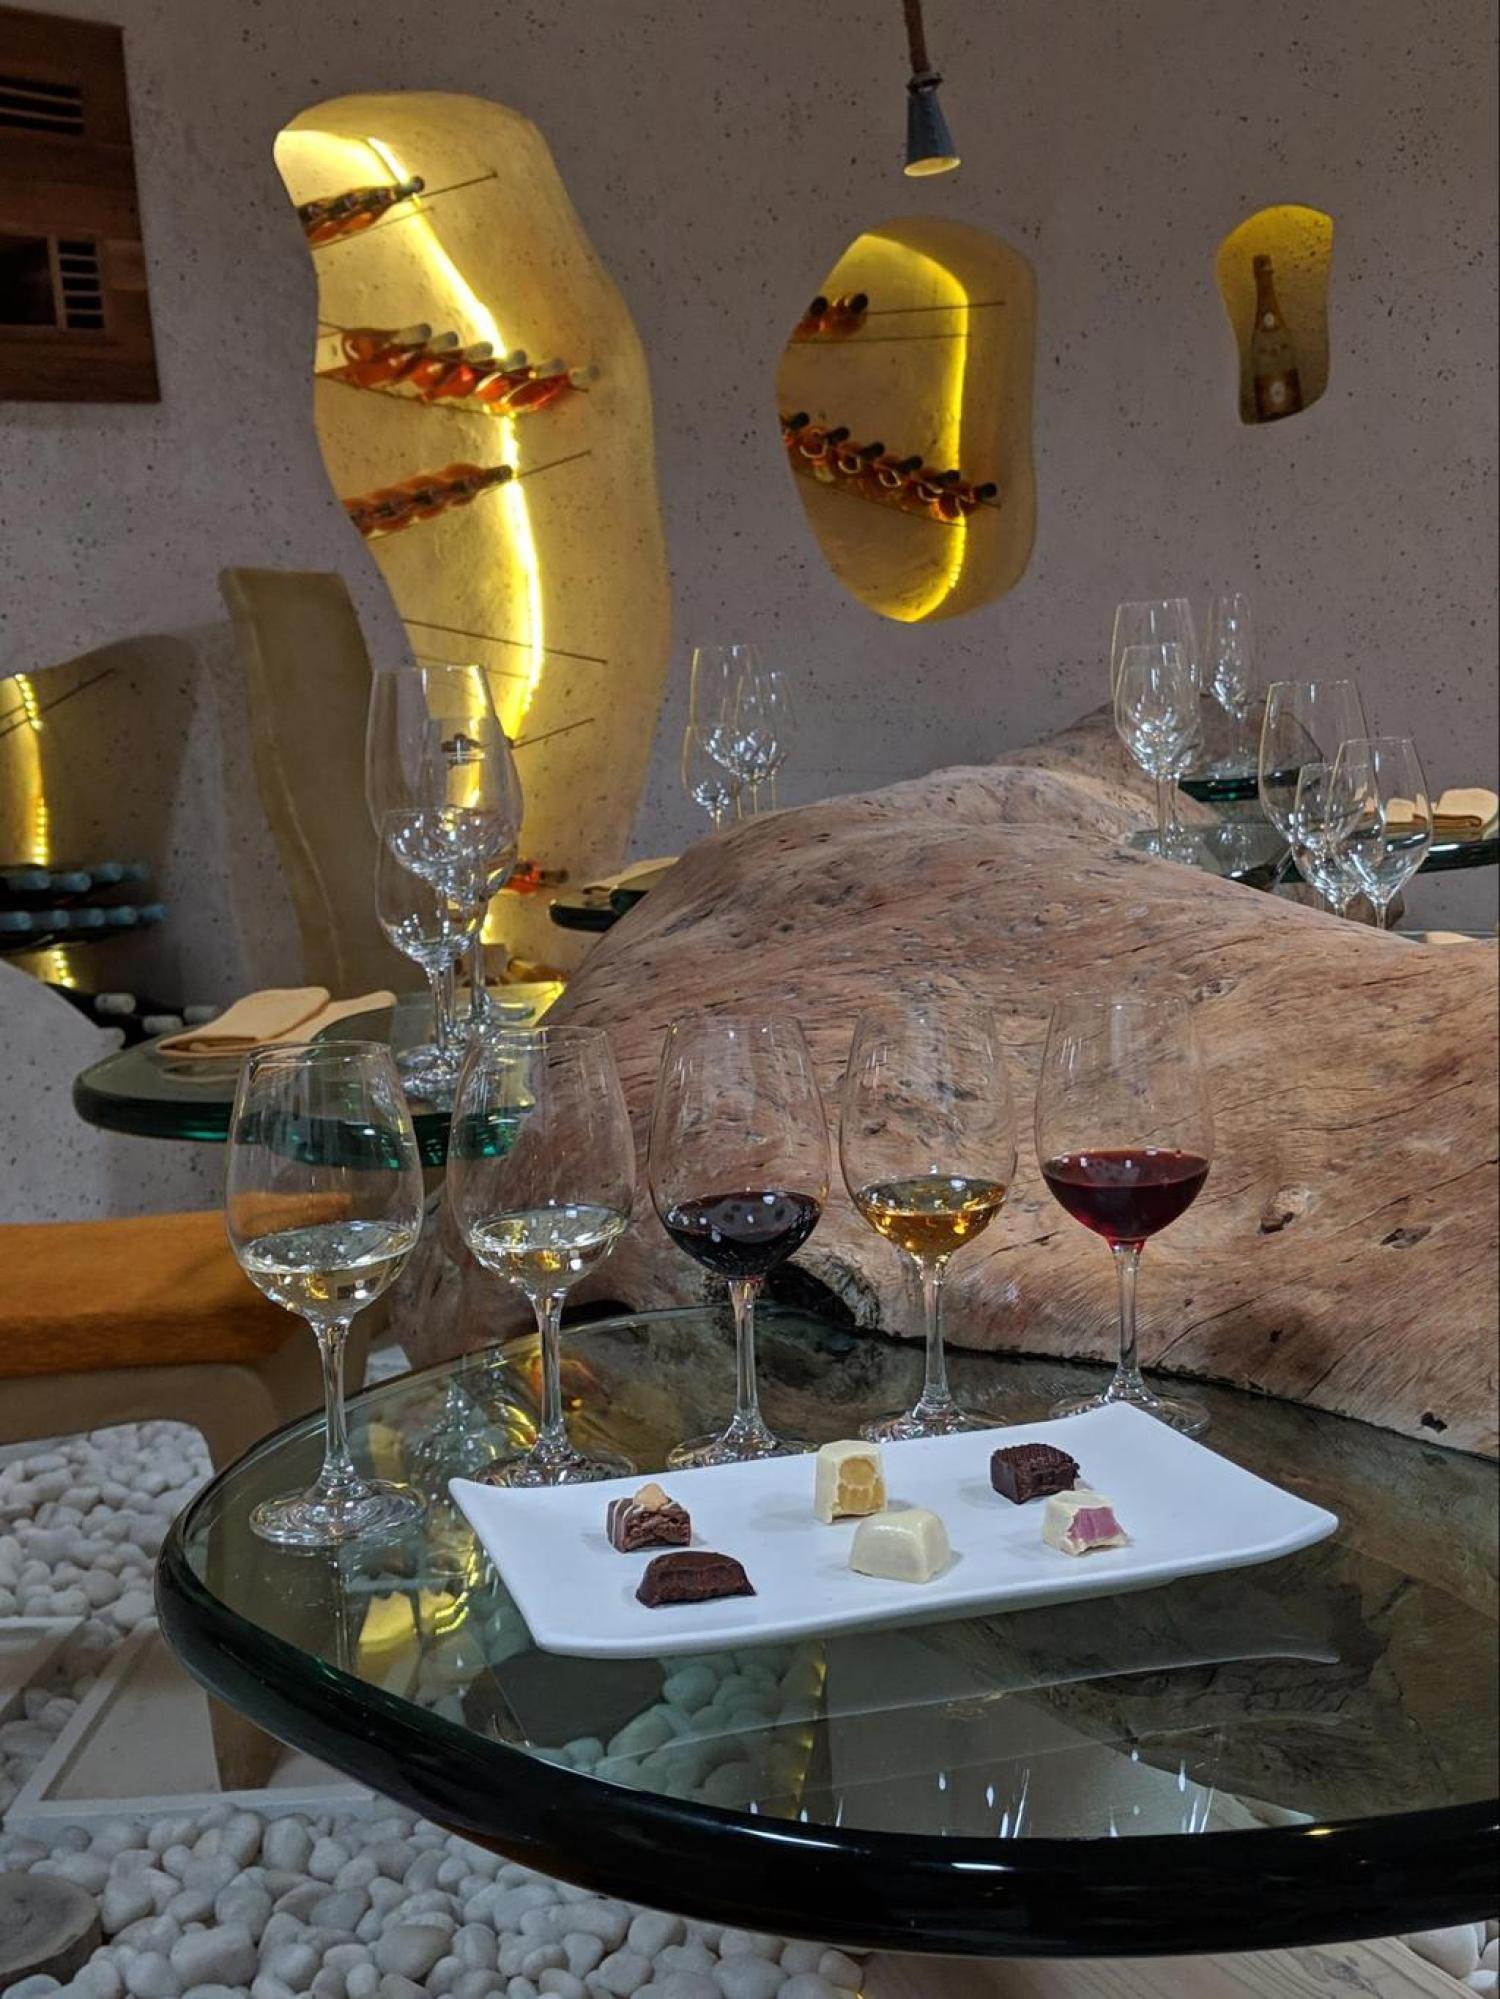 Wine and chocolate pairing at Gili Lankanfushi